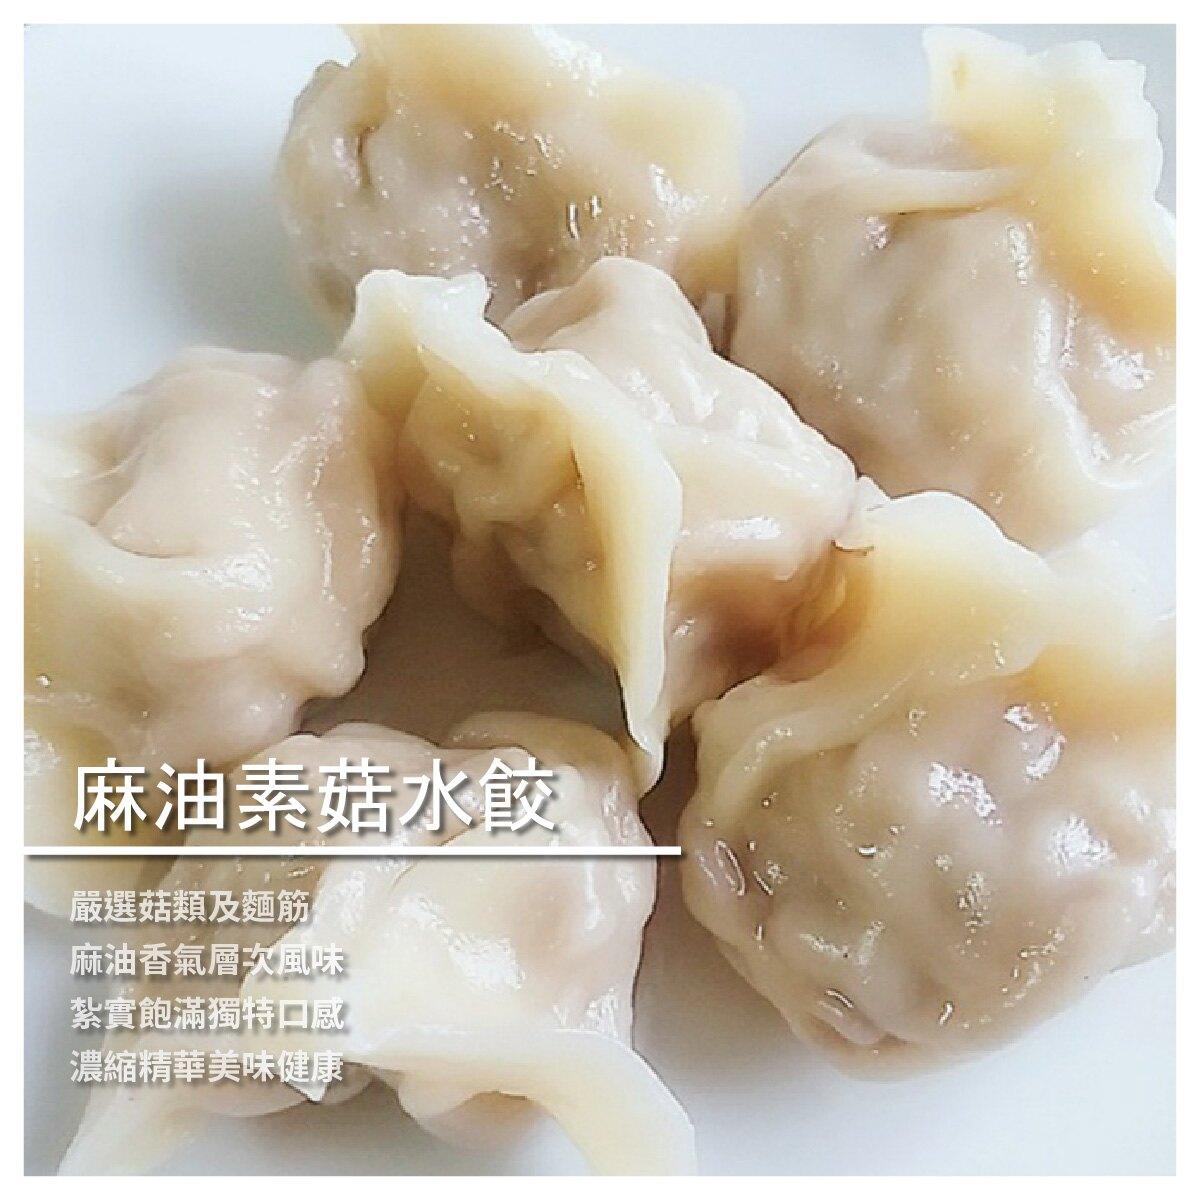 【珠媽媽素食手工水餃餛飩】麻油素菇水餃 50入/包